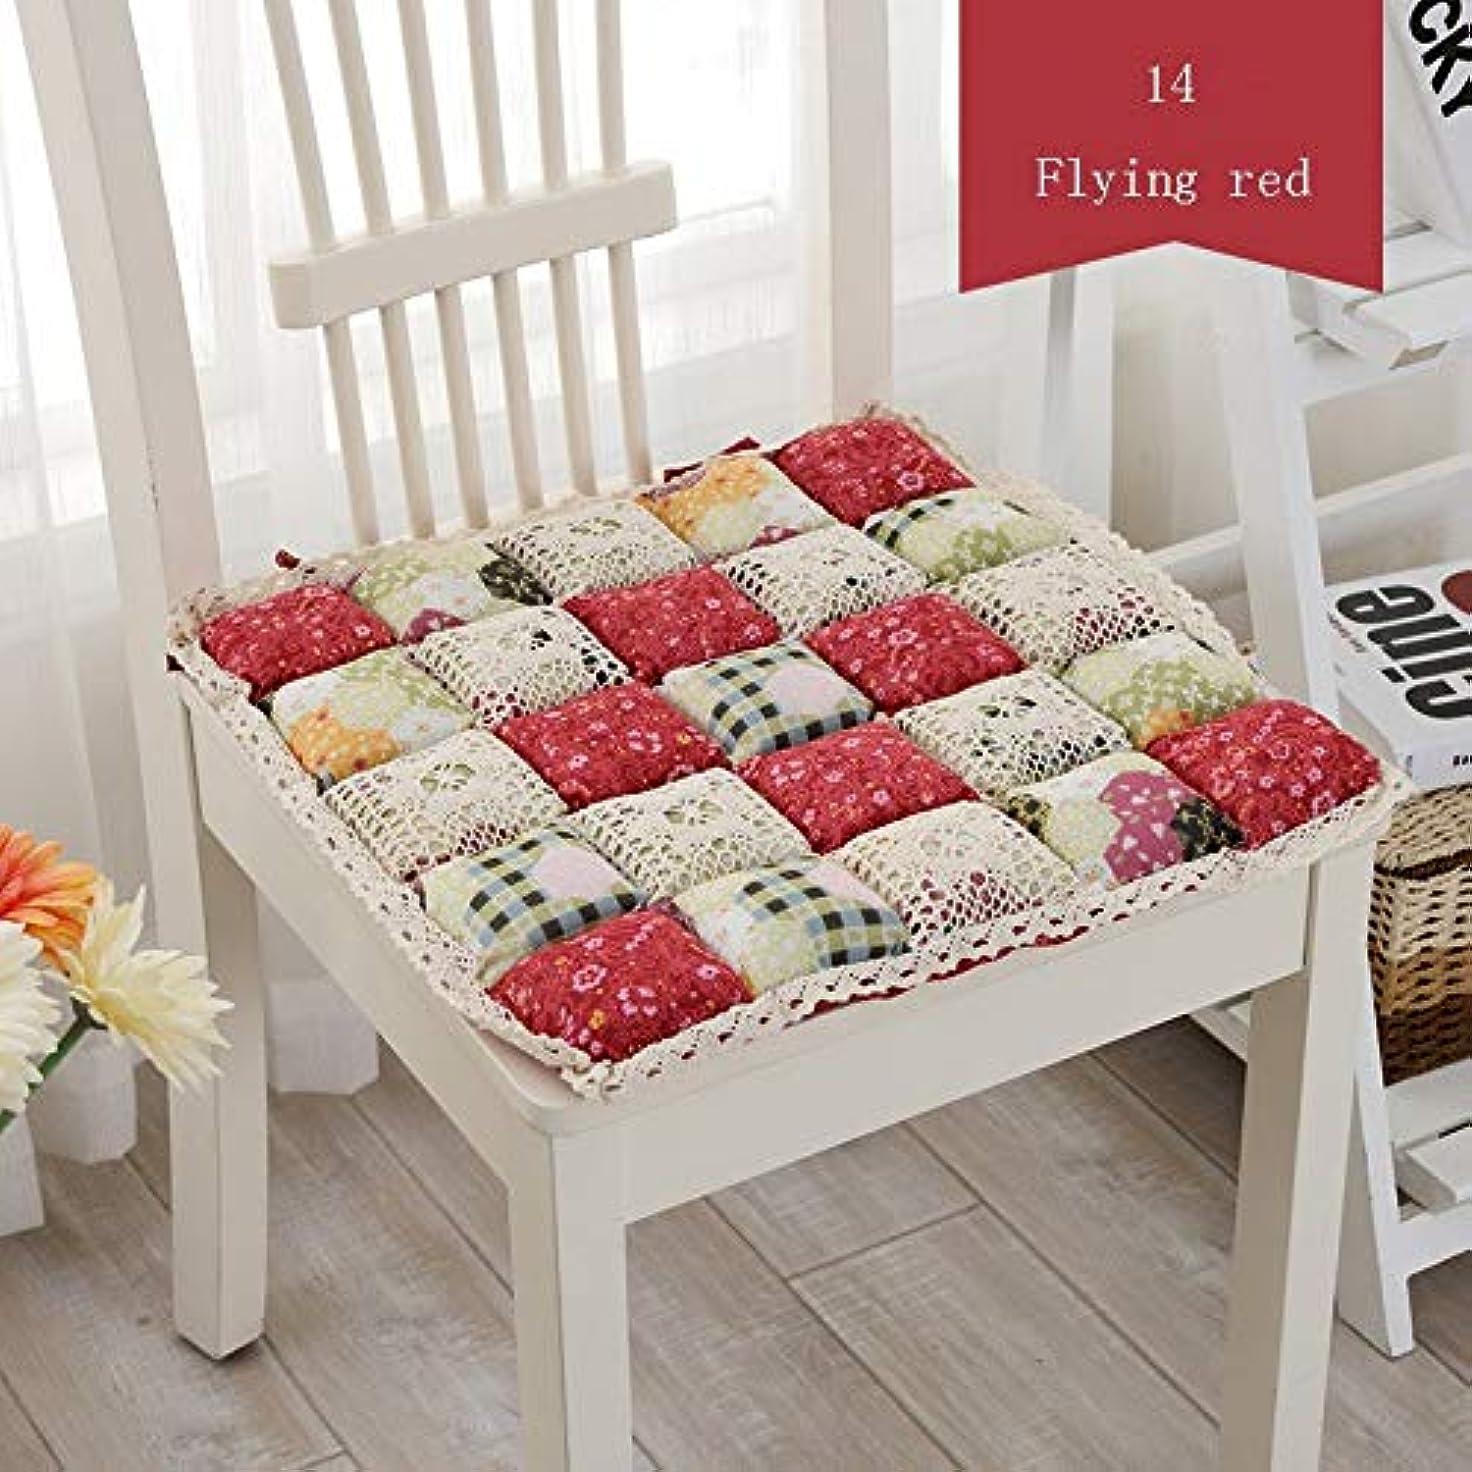 ファンド悪行ブレースLIFE 1 個抗褥瘡綿椅子クッション 24 色ファッションオフィス正方形クッション学生チェアクッション家の装飾厚み クッション 椅子